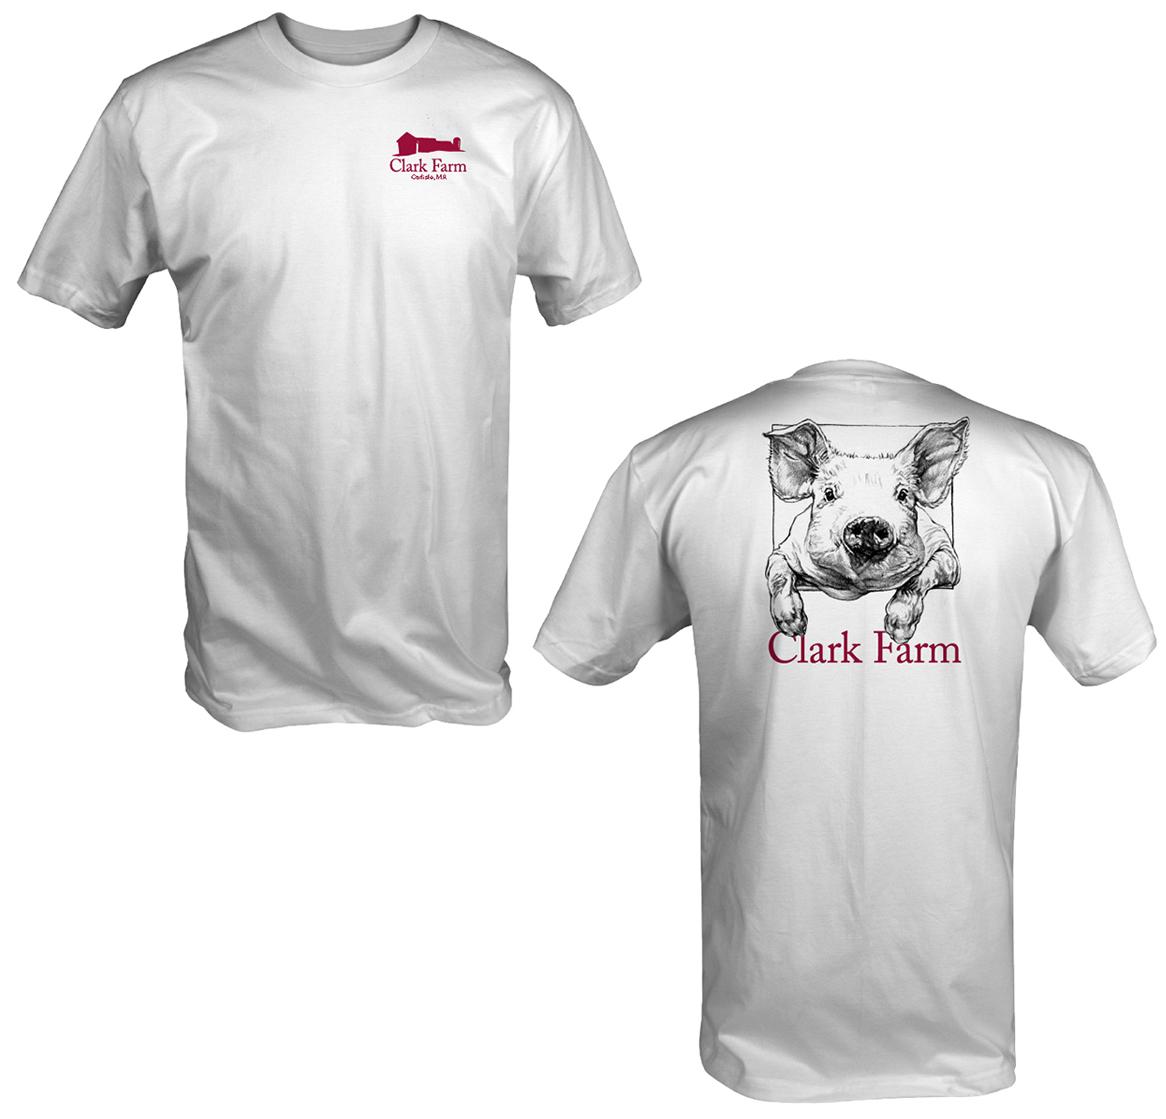 Clark Farm Pig Shirt White